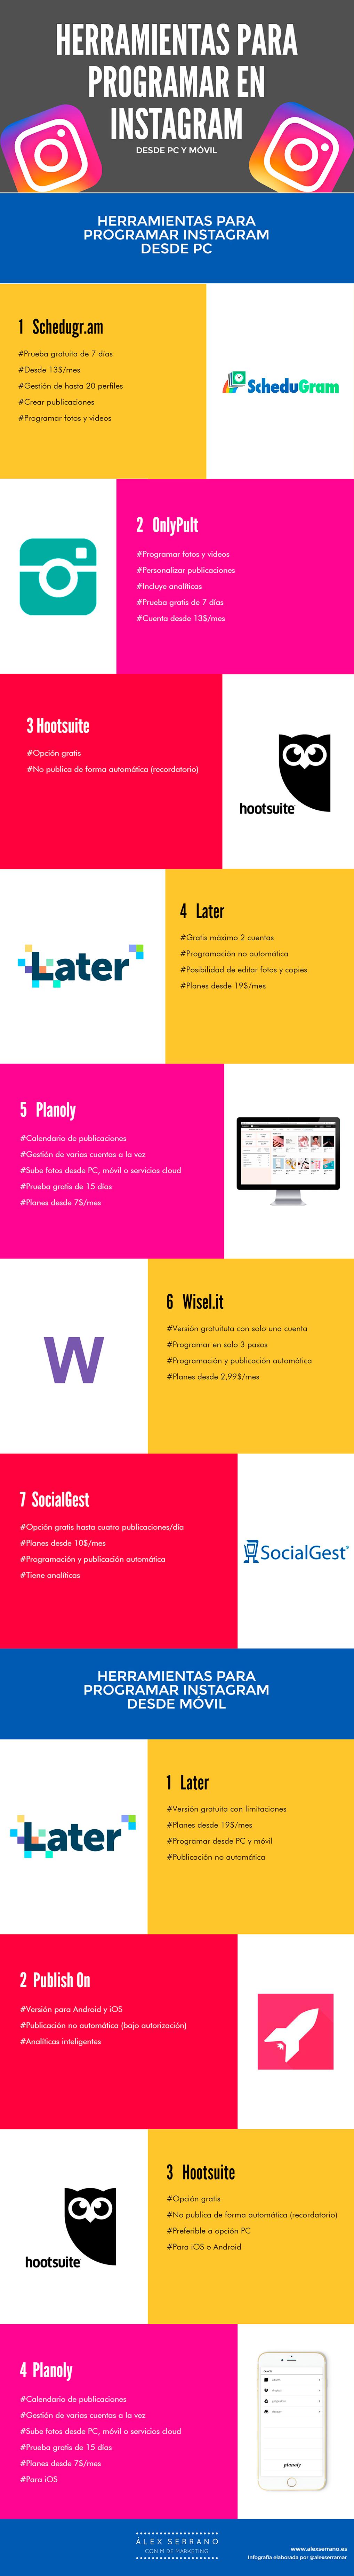 Herramientas para programar en instagram en PC y Móvil. Infografía en español